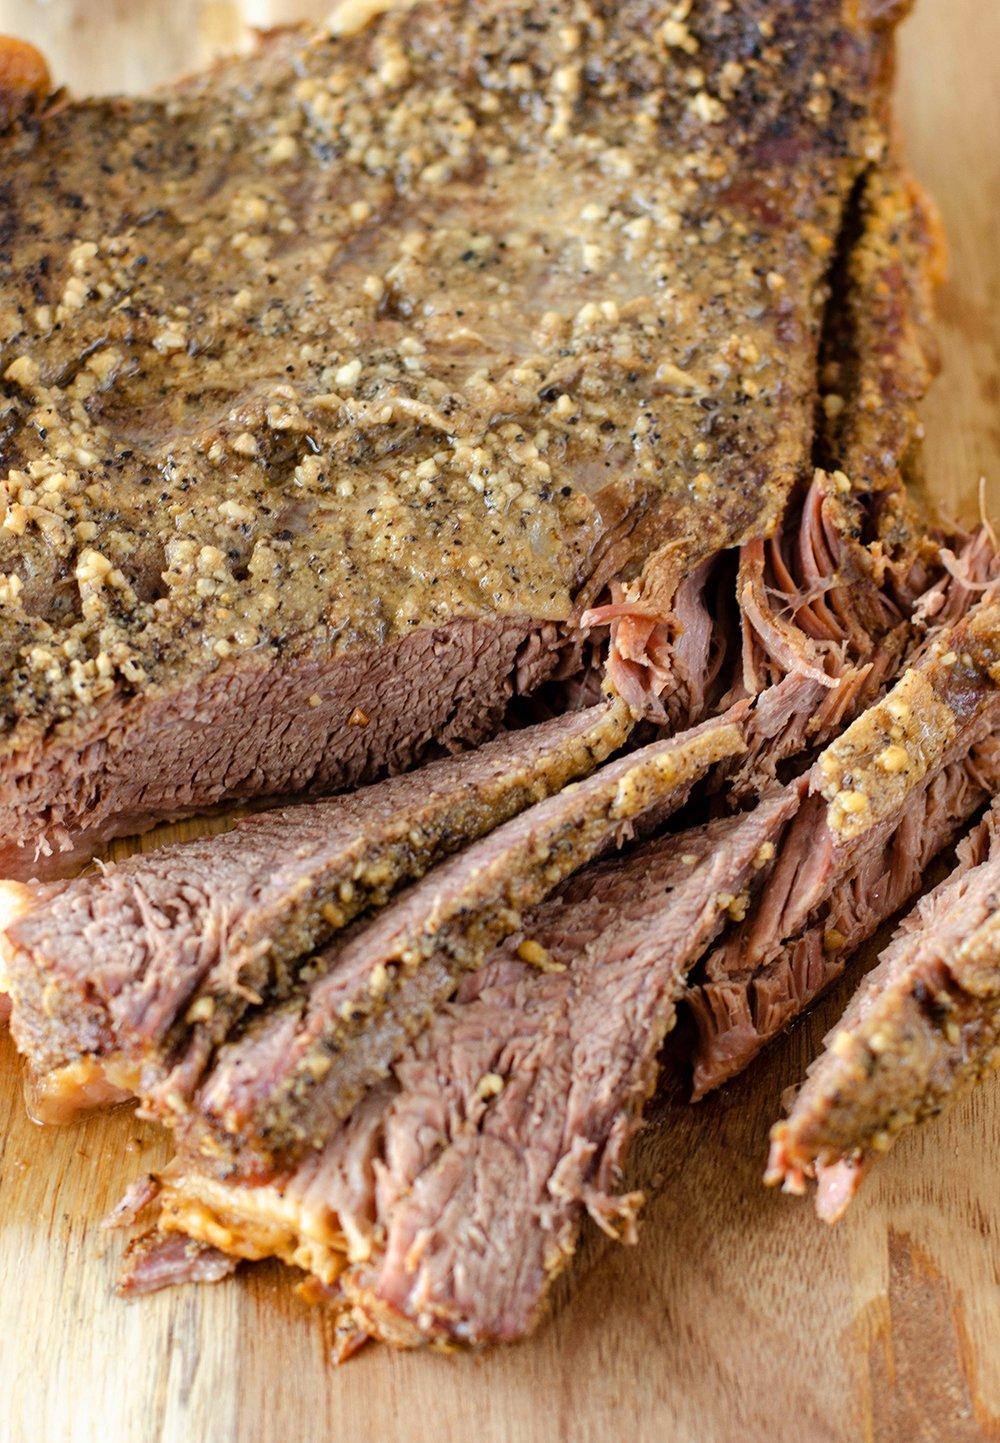 Beef Brisket on a cutting board, sliced.